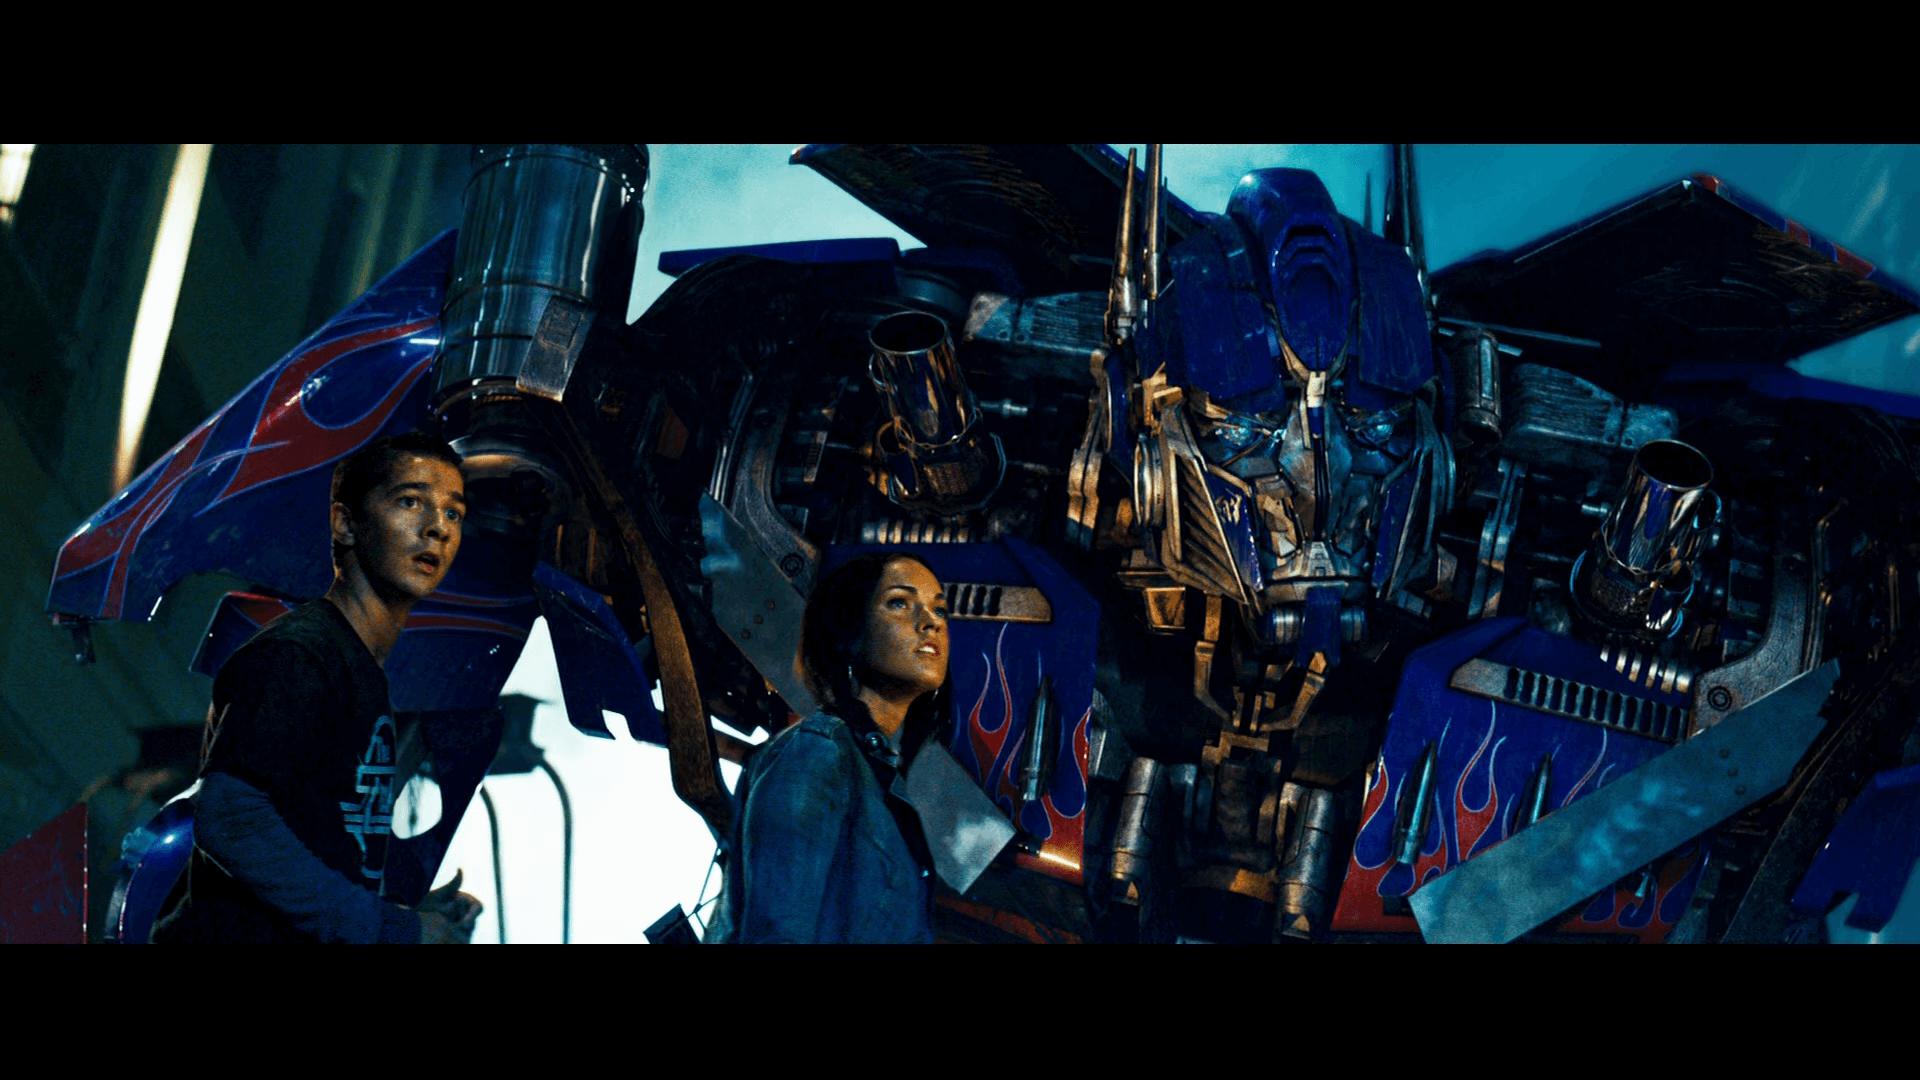 Transformers Shia Megan